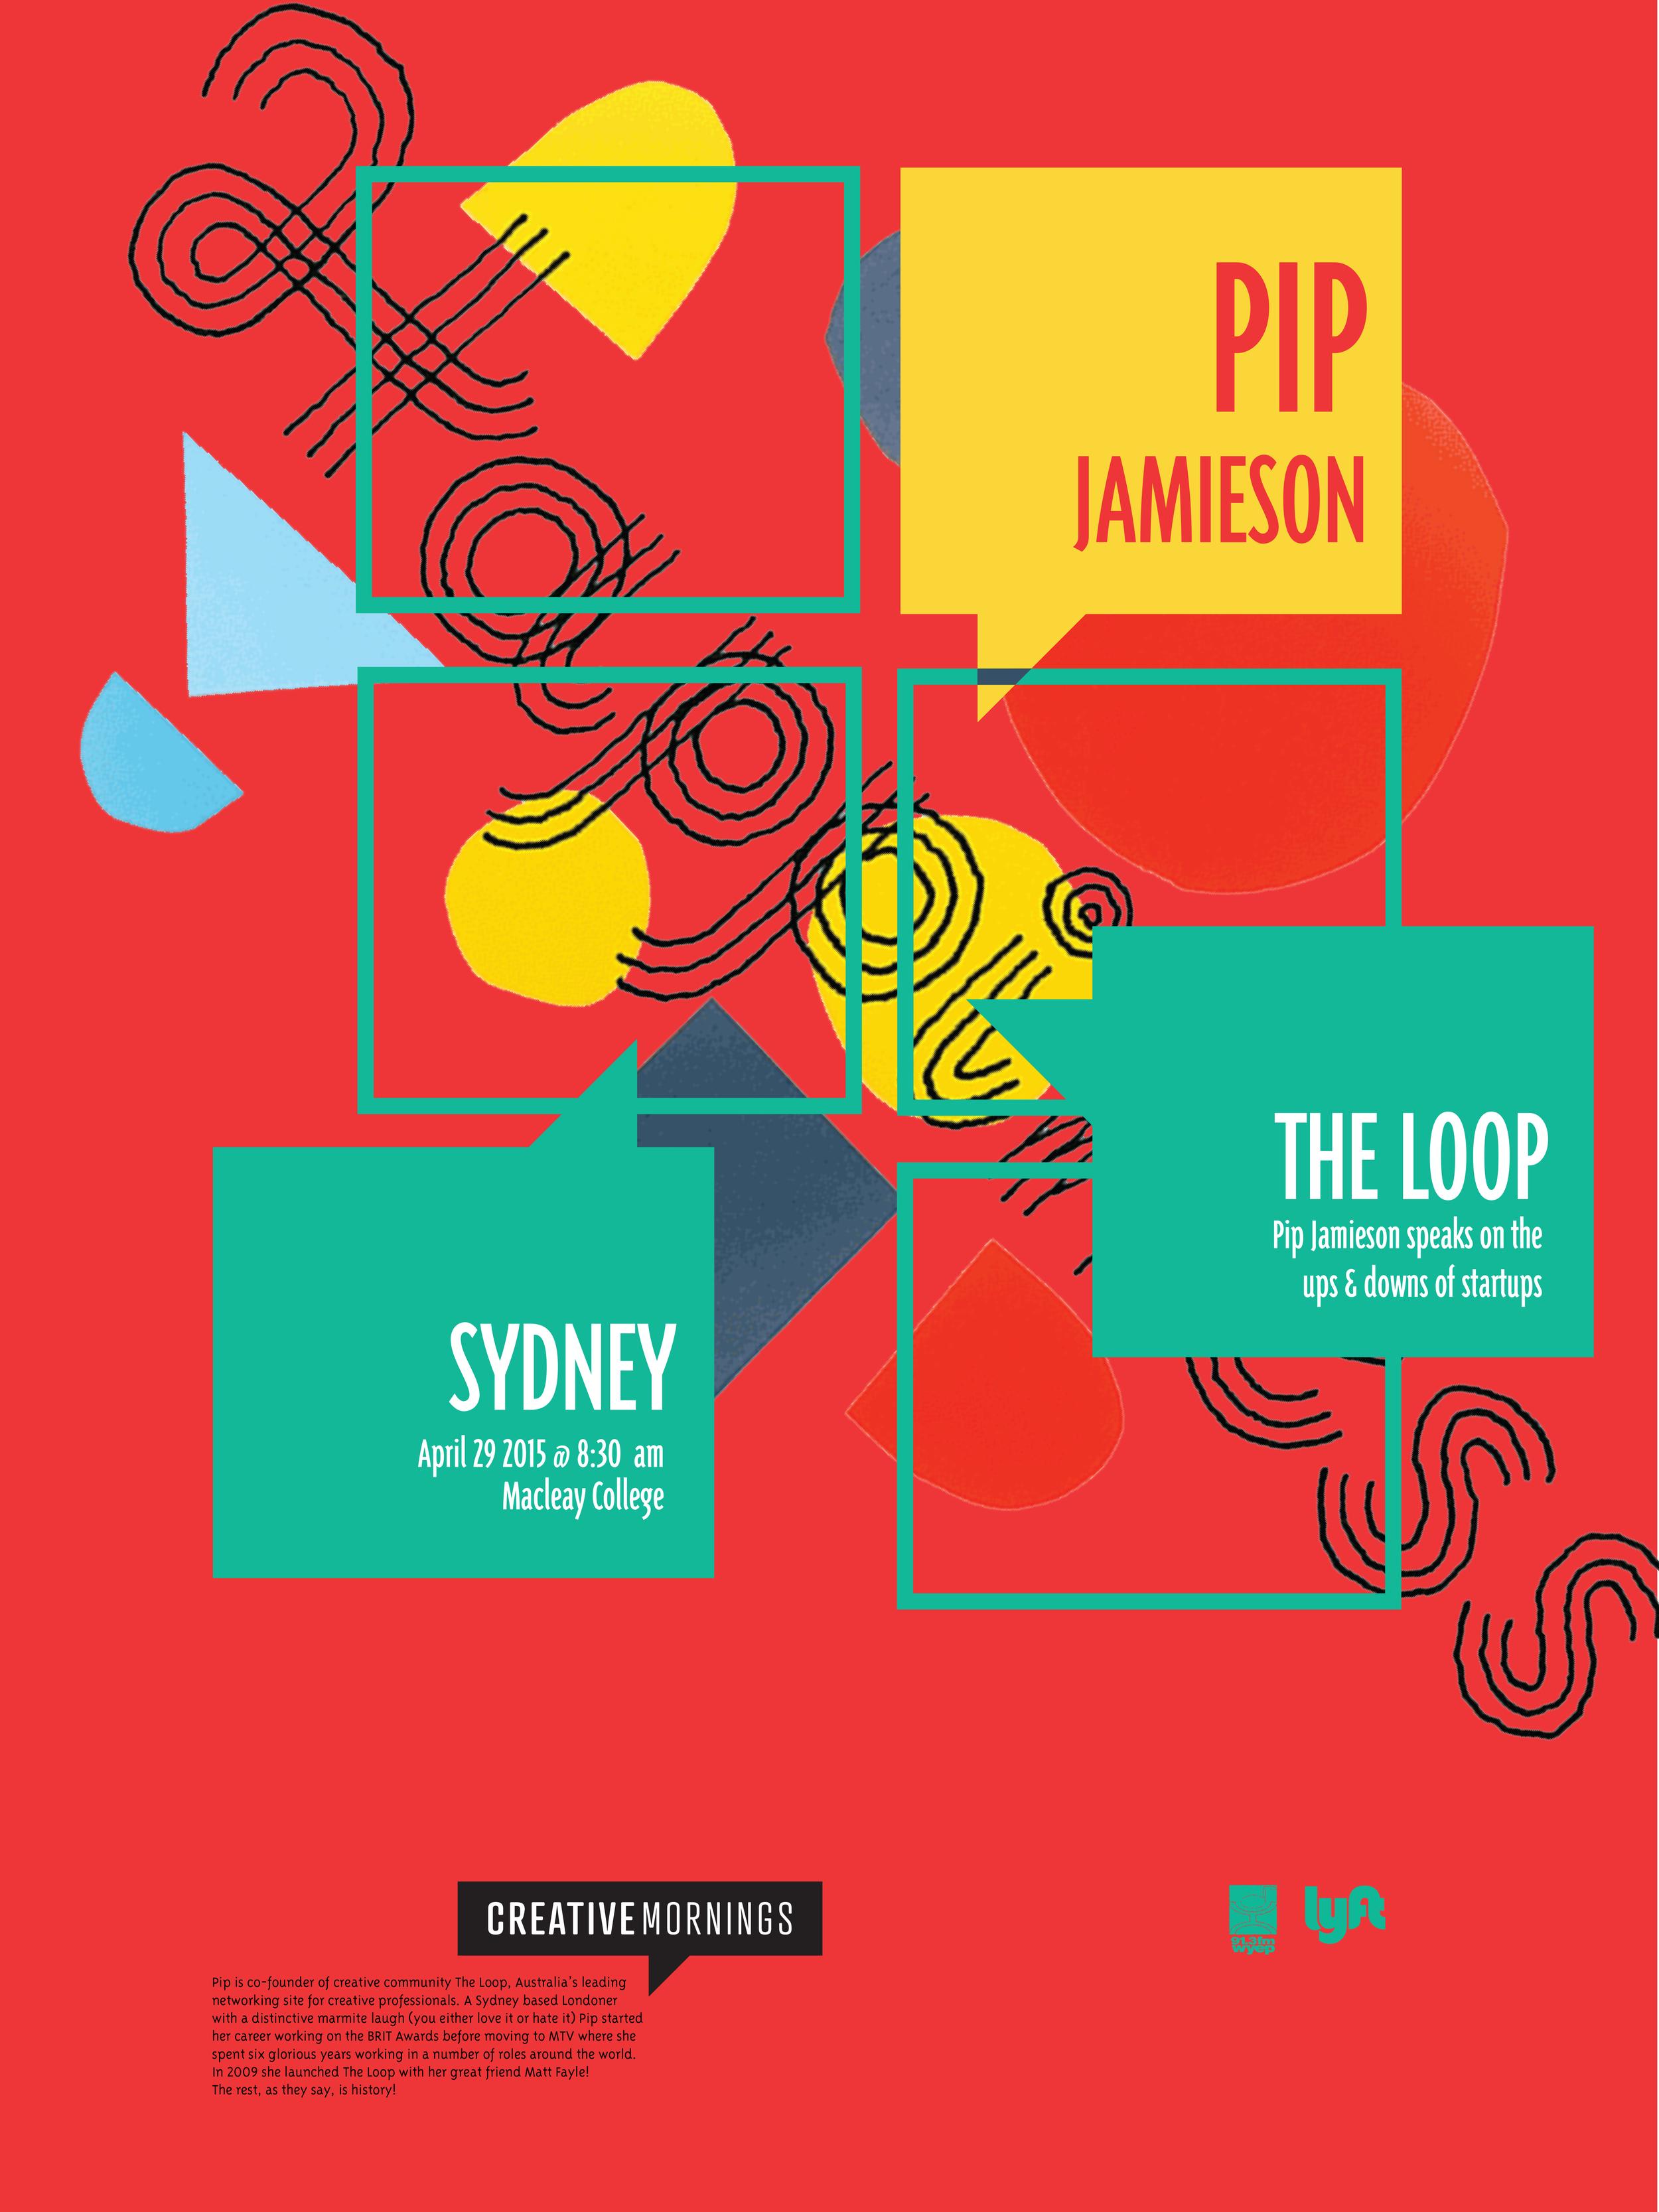 Pip Jamieson_Medium FINAL.jpg